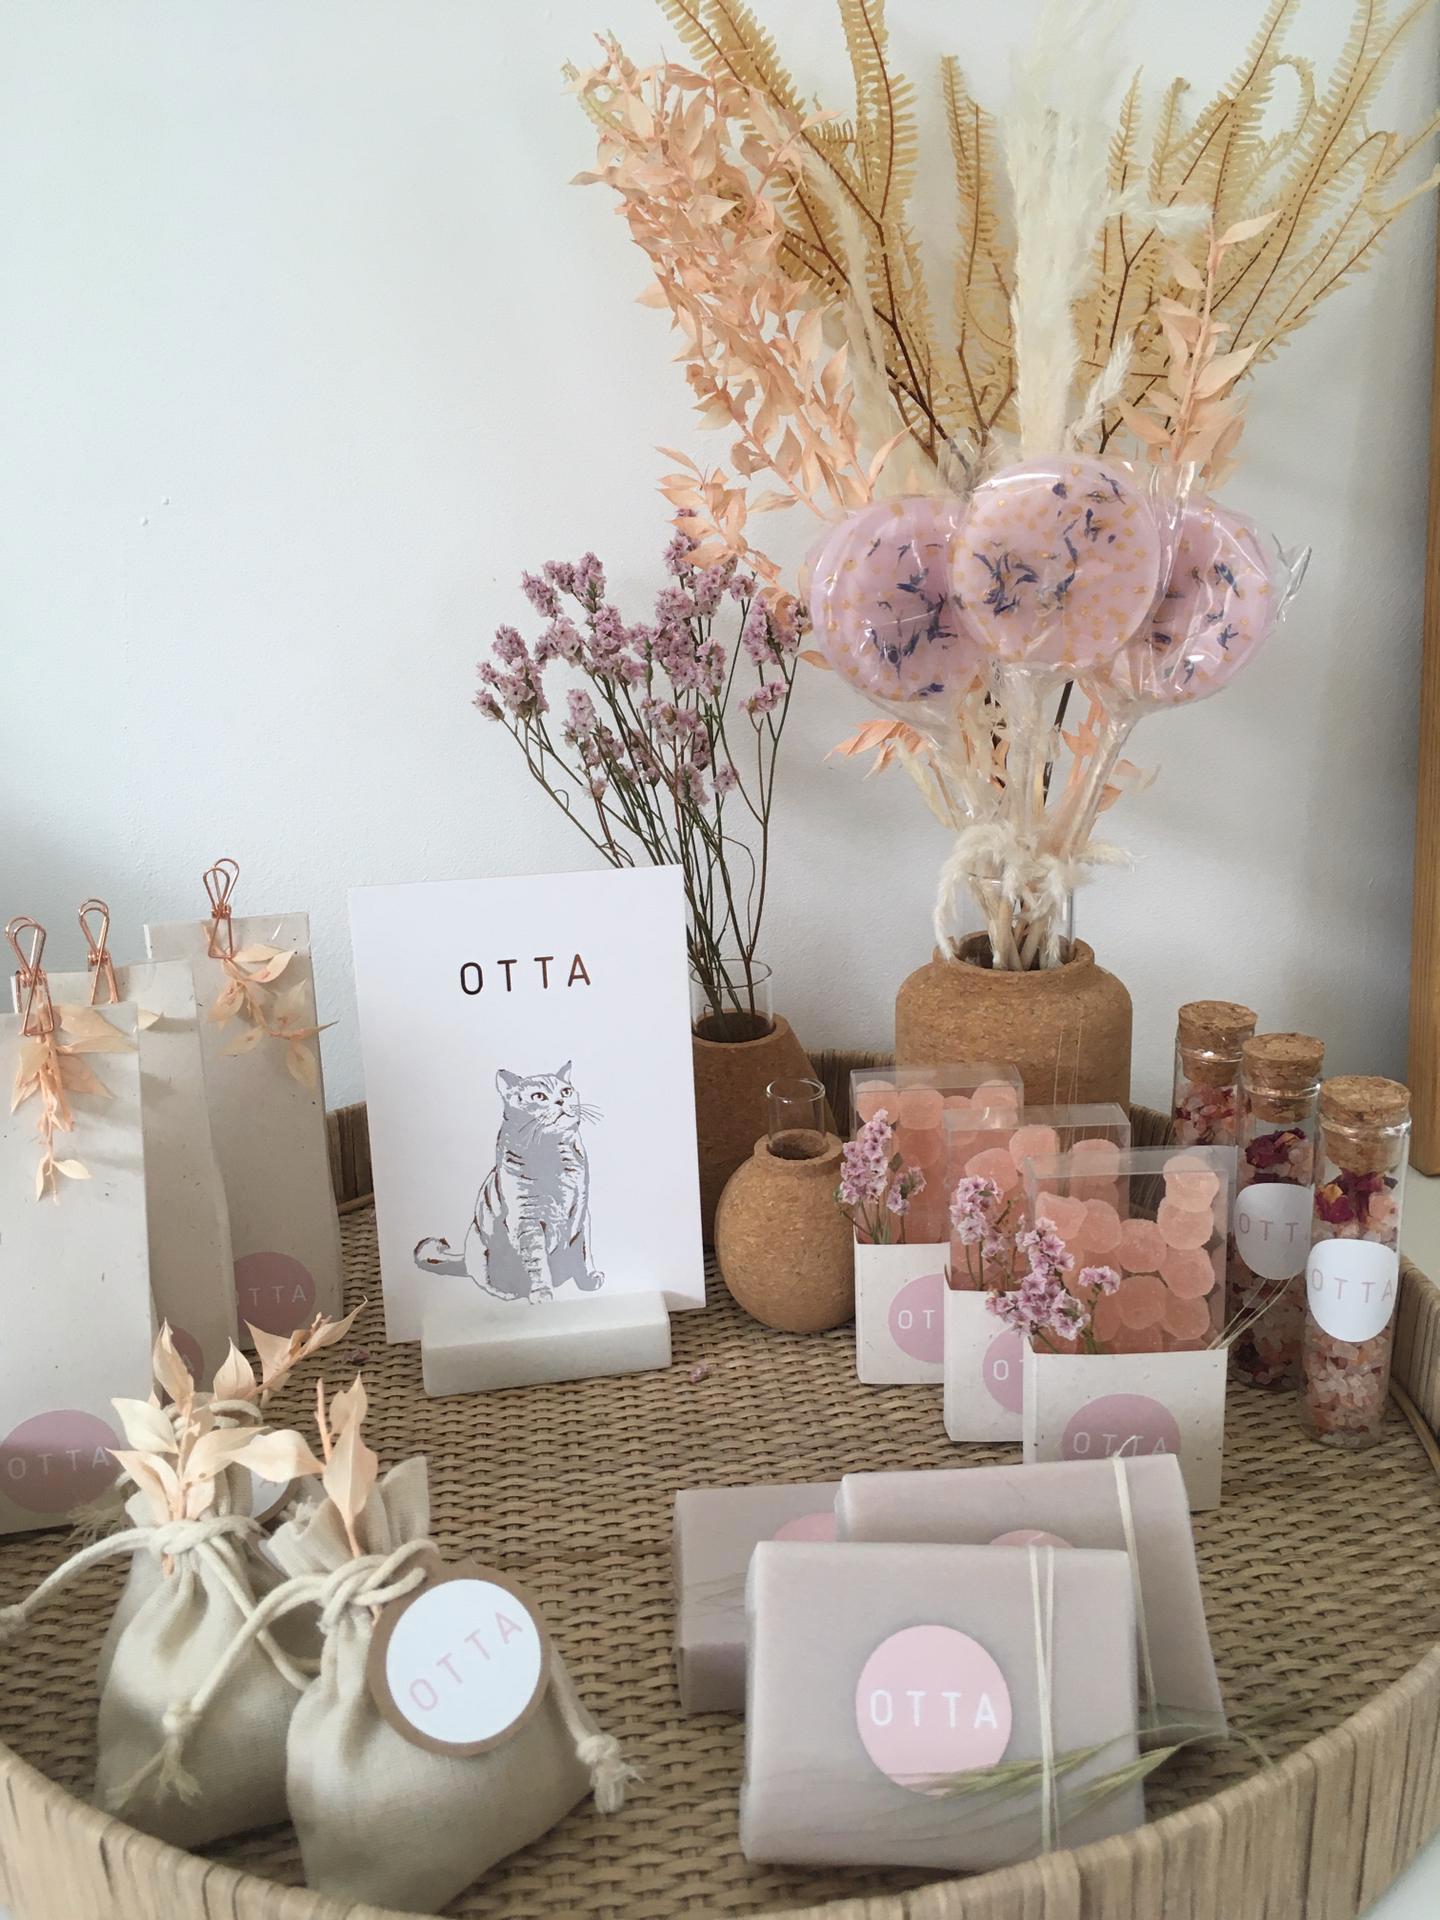 Geboortekaartje Otta, letterpress, foliedruk rose gold, kat, poes, britse korthaar, ontwerp op maat, hotfoil, uniek, geboortekaartje meisje jongen